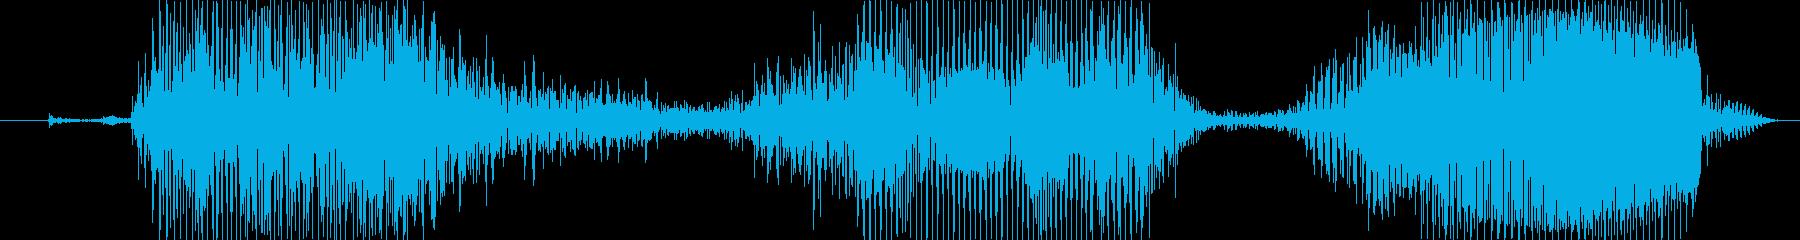 あははっ!の再生済みの波形